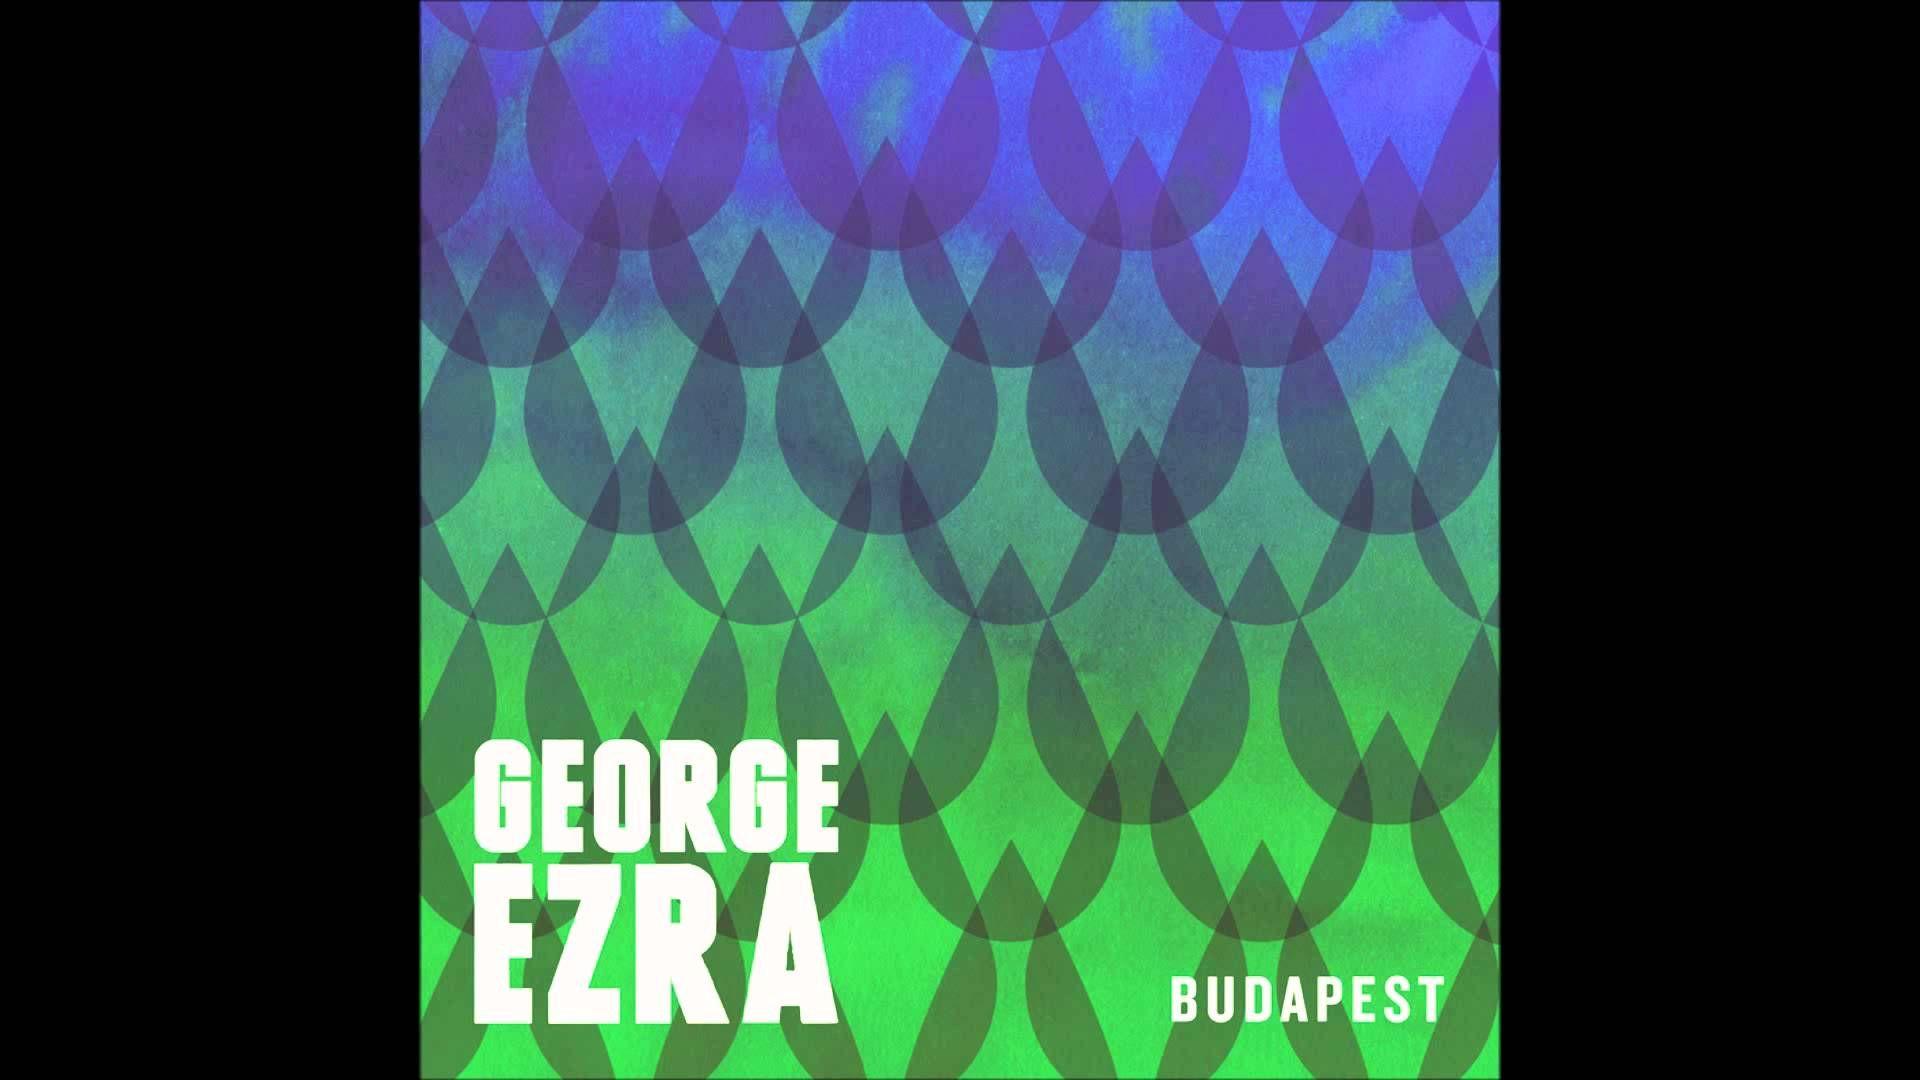 george ezra budapest download kostenlos